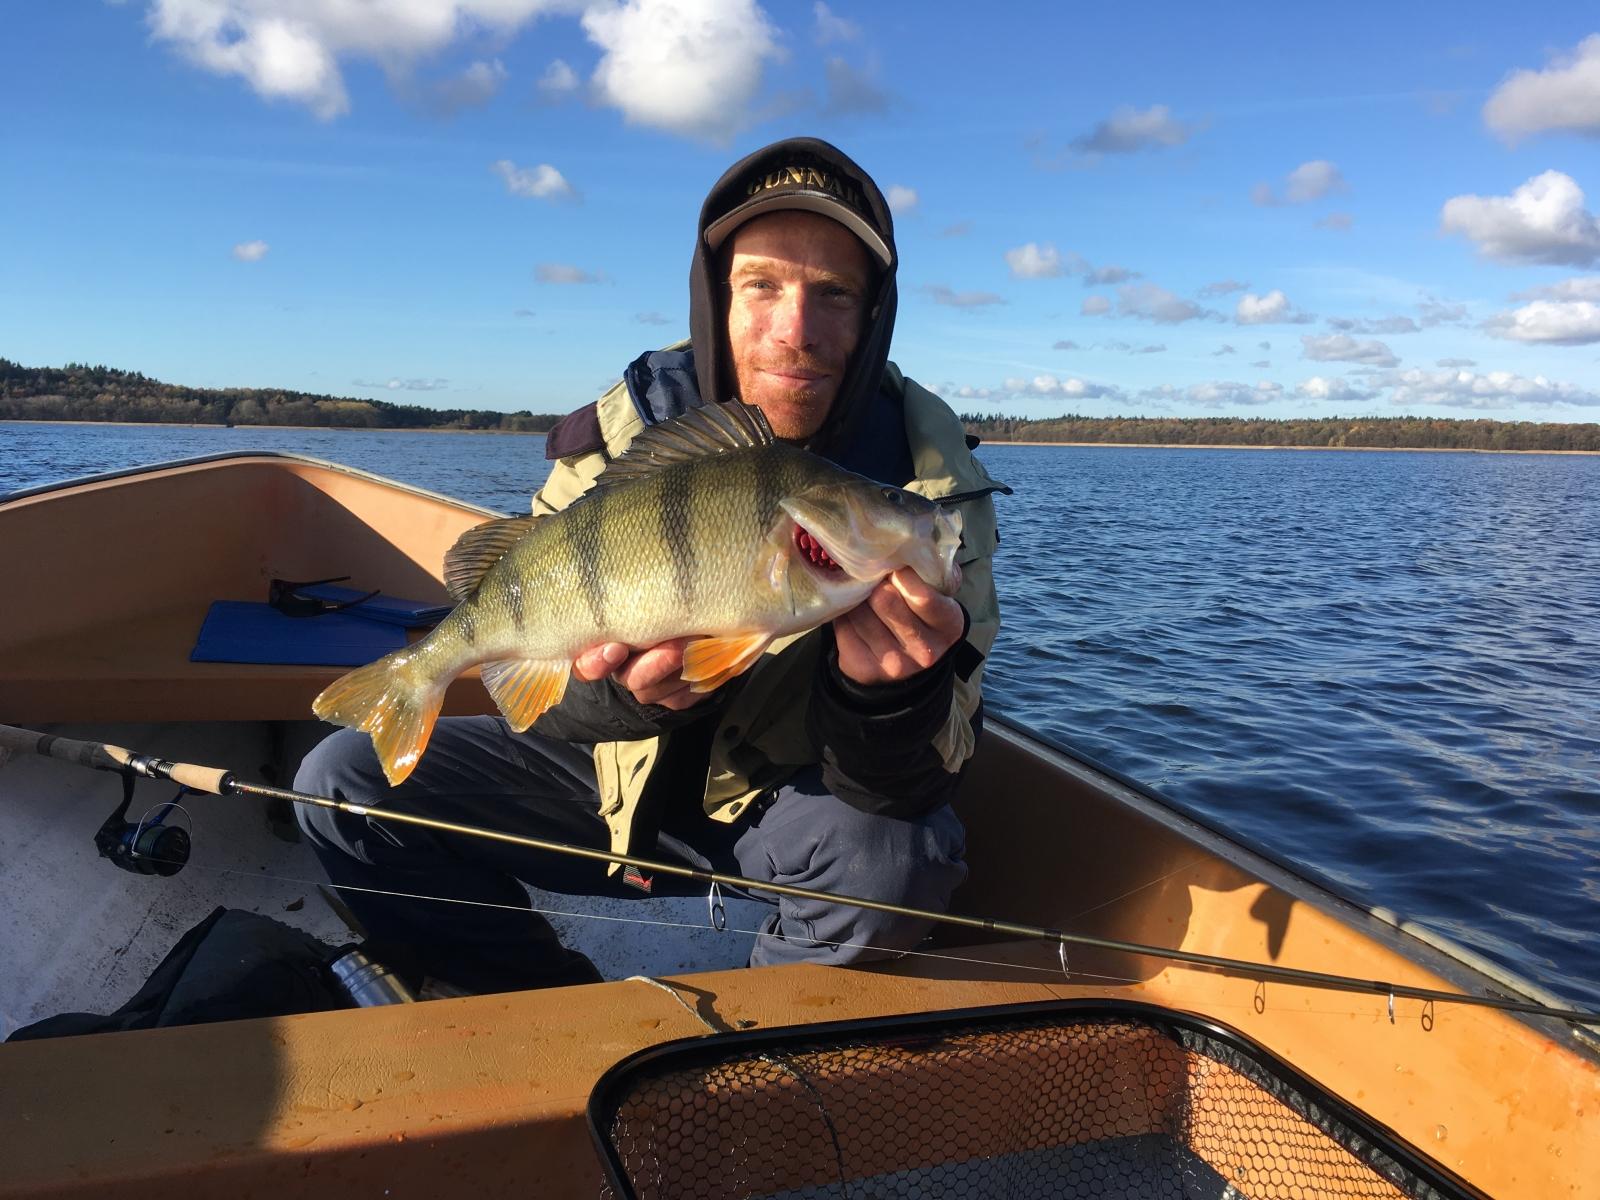 Aborre på 1.50 kg fra Privat sø, Østjylland -  fanget på Wobler # 7027